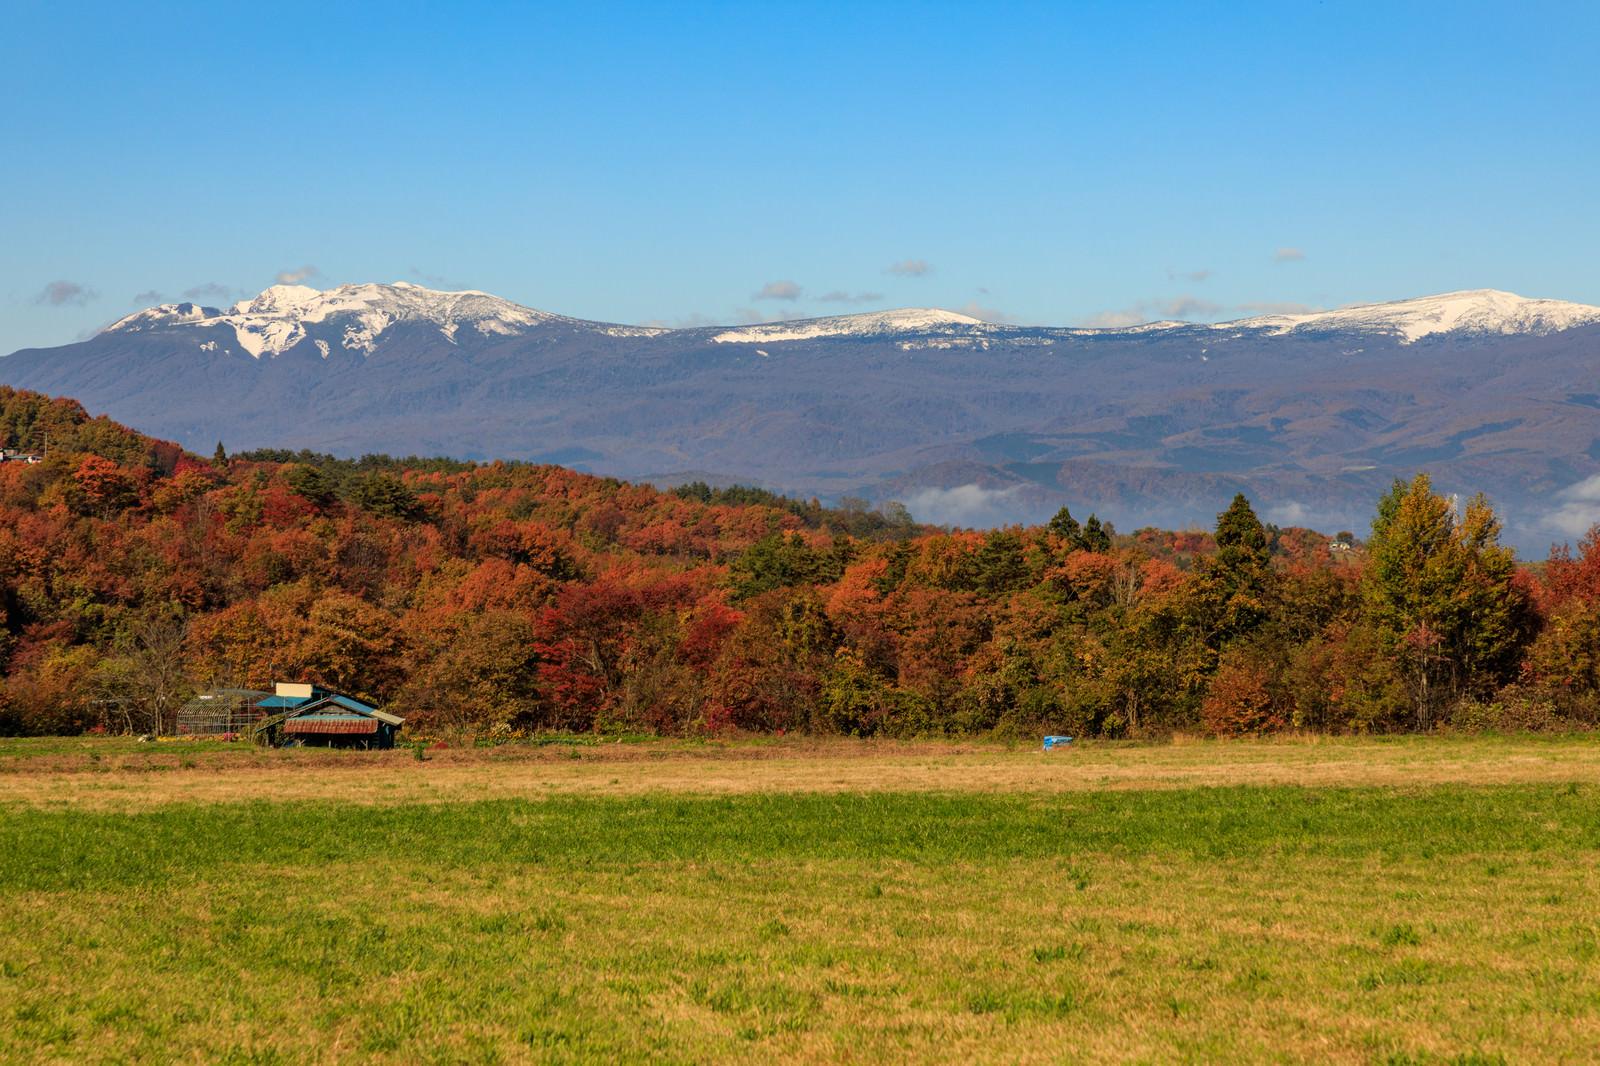 「草原から望む冠雪した八幡平と紅葉した山々」の写真